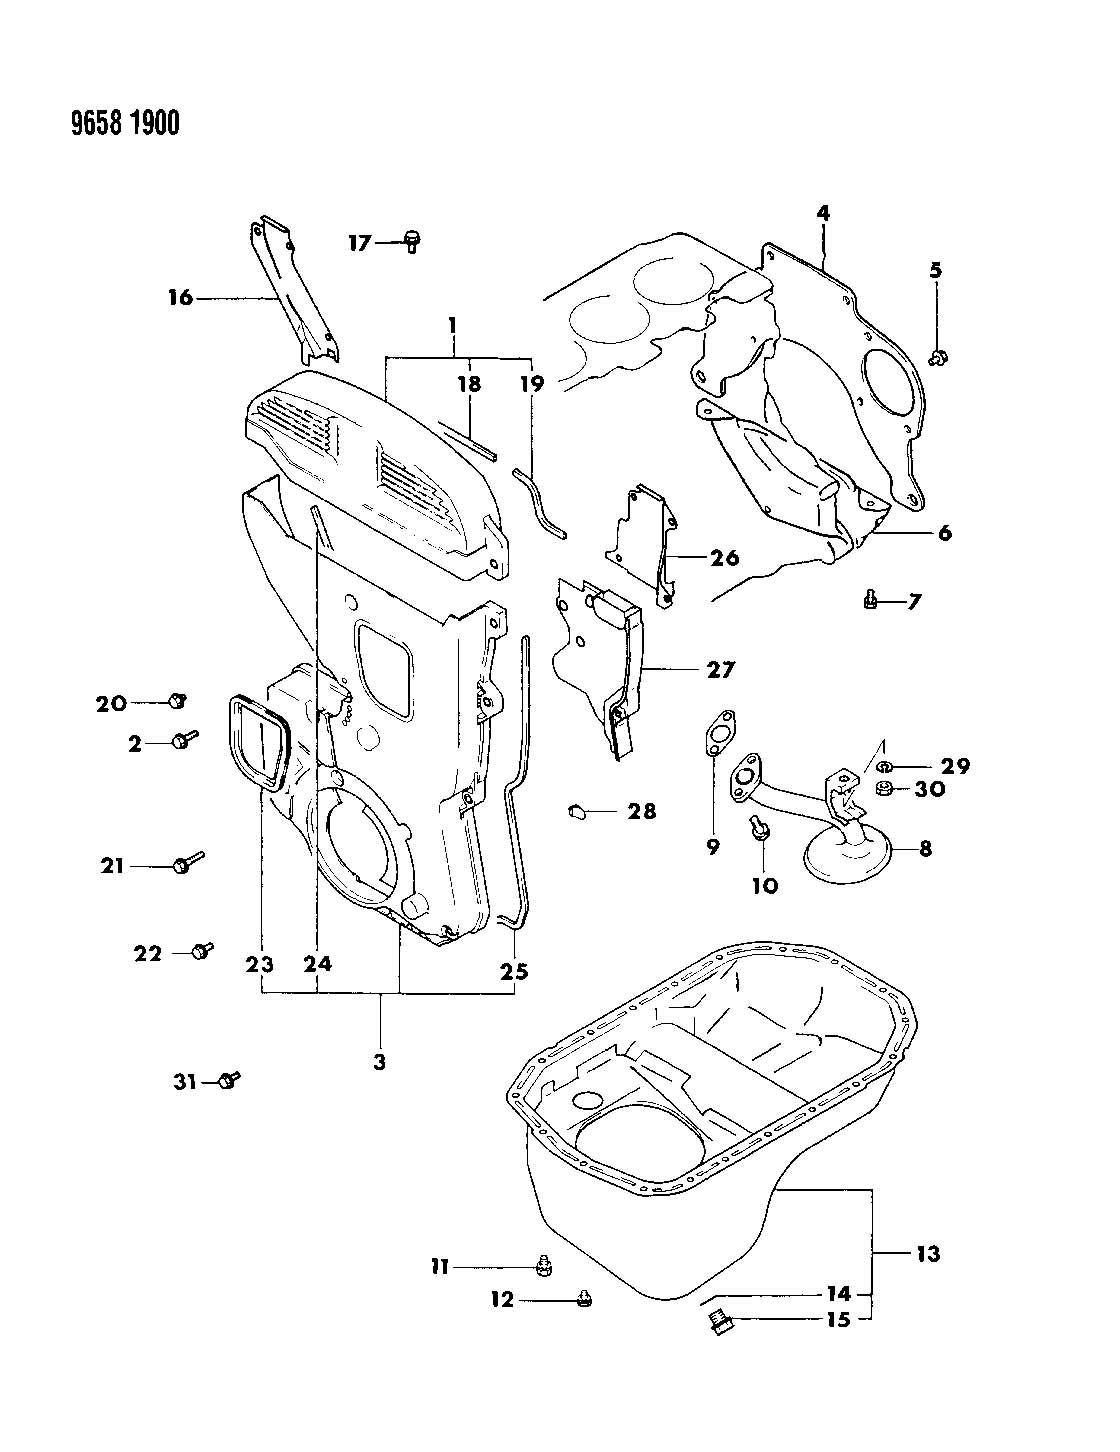 Mitsubishi Galant Interior Parts